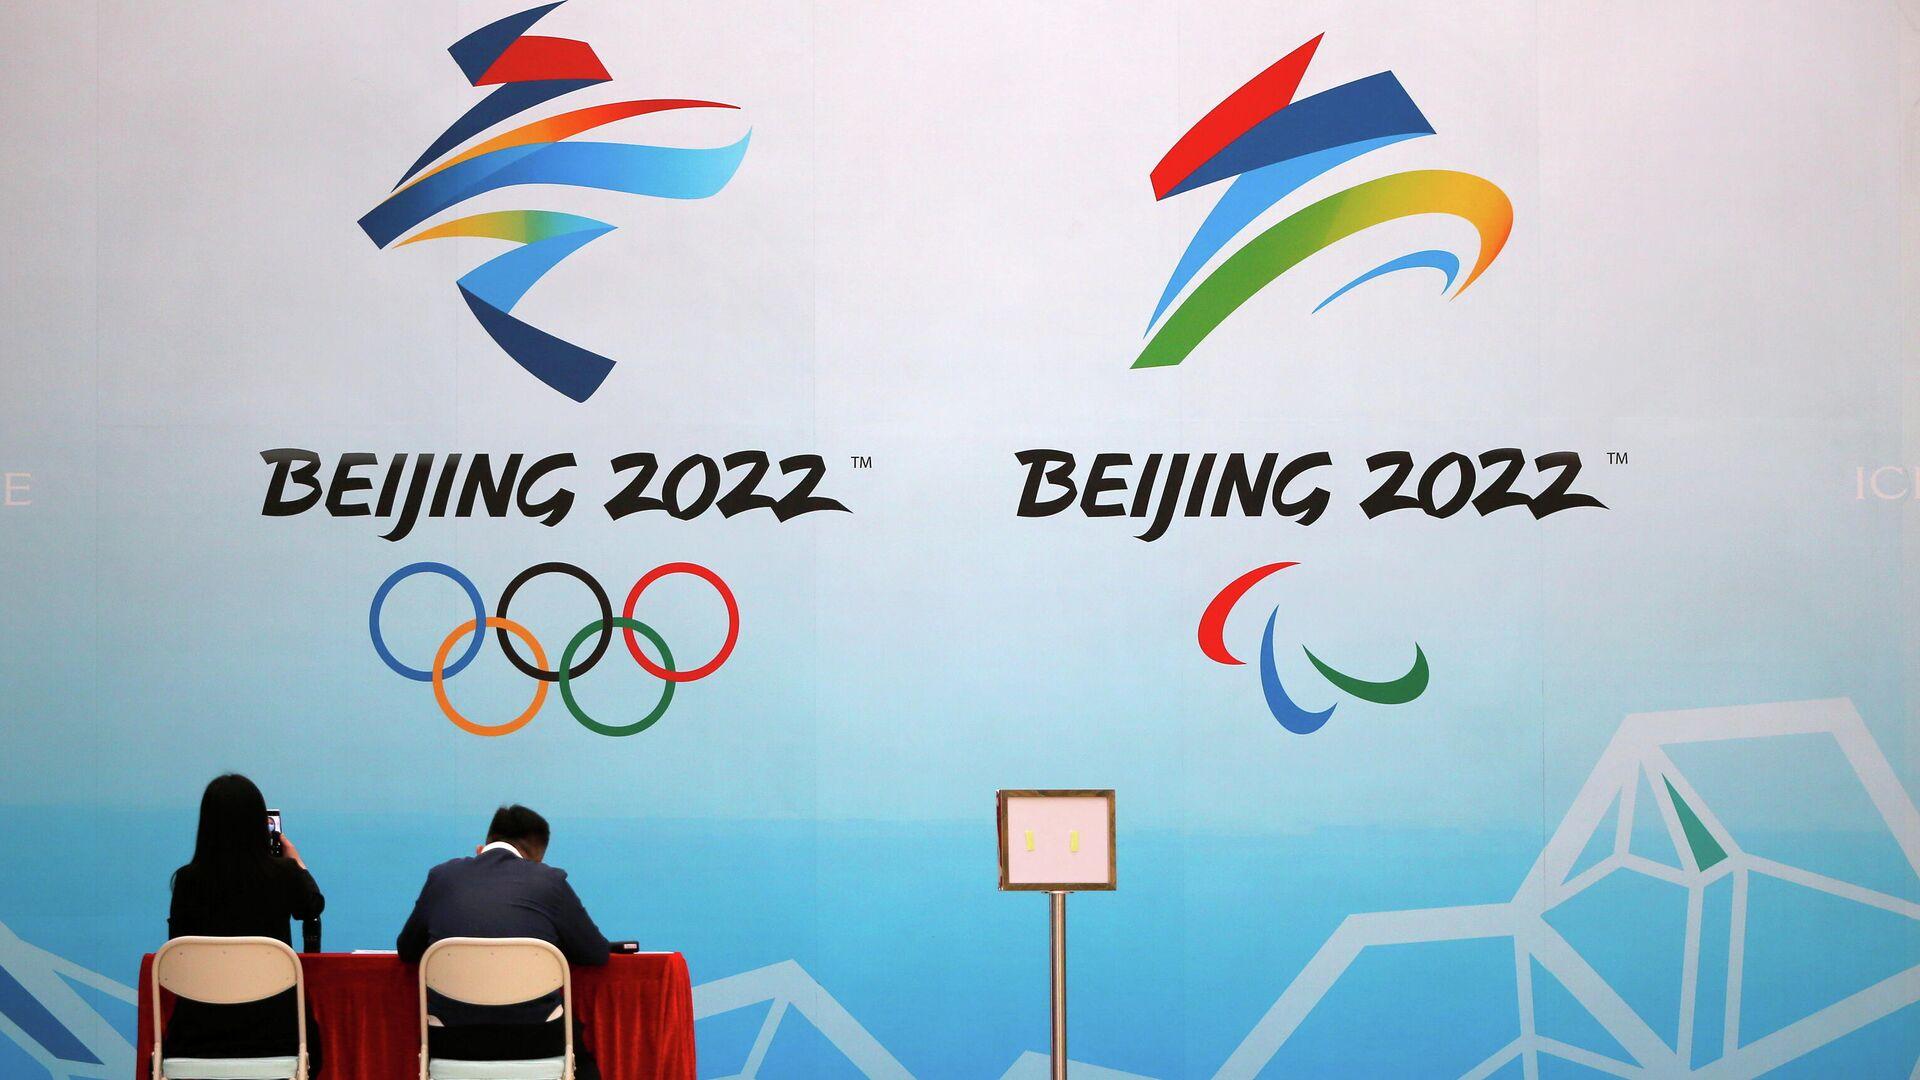 Логотипы Олимпийских и Паралимпийских игр 2022 года в Пекине - РИА Новости, 1920, 07.04.2021